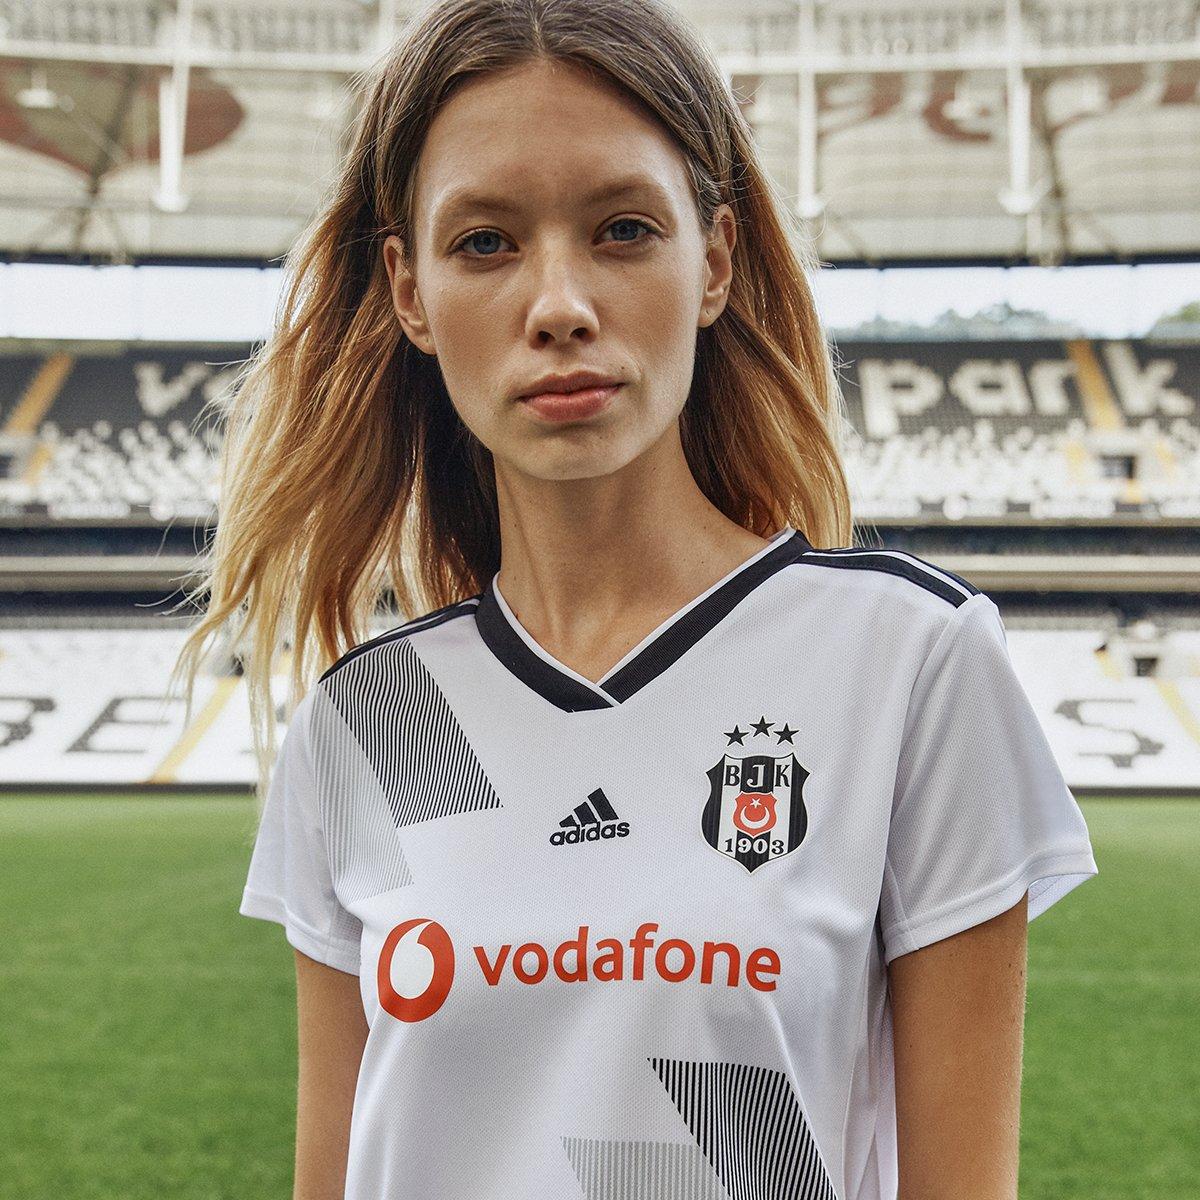 Hiç bitmeyecek büyük aşkımız ⚫️⚪️ @Besiktas   #BeşiktaşınMaçıVar  Alışveriş için:  https://t.co/gyRonZ3Jo5 https://t.co/RT42UQEESG